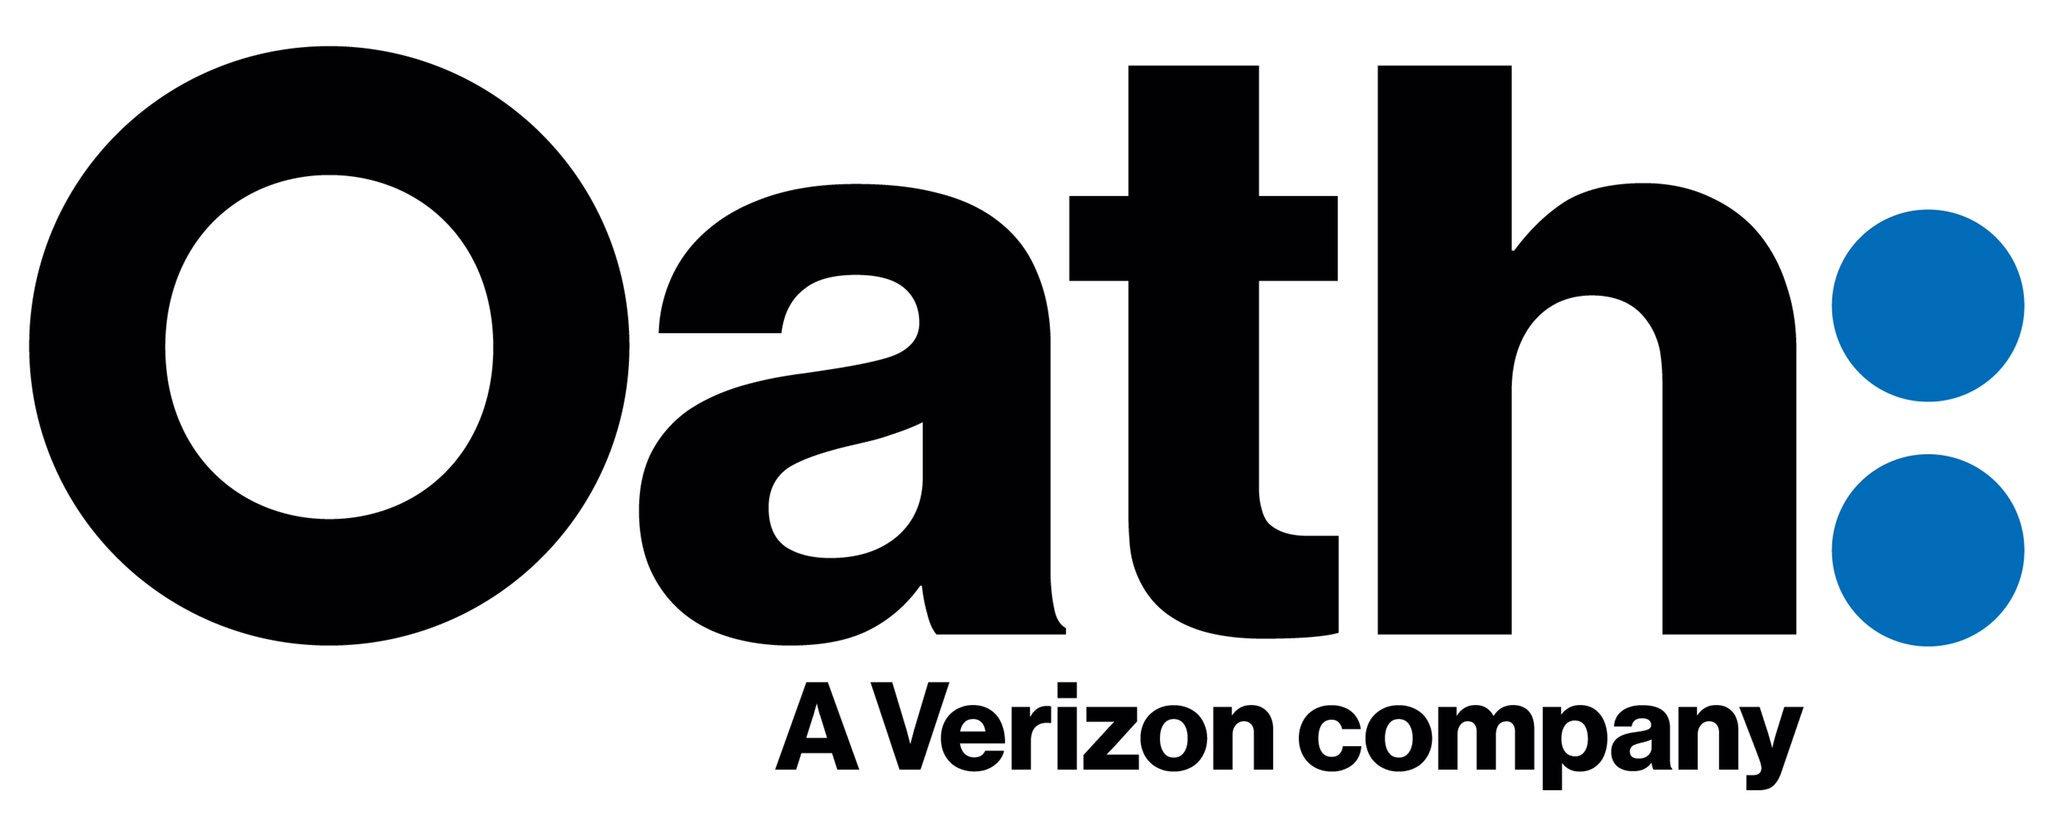 AOL und Yahoo werden im Sommer zu Oath